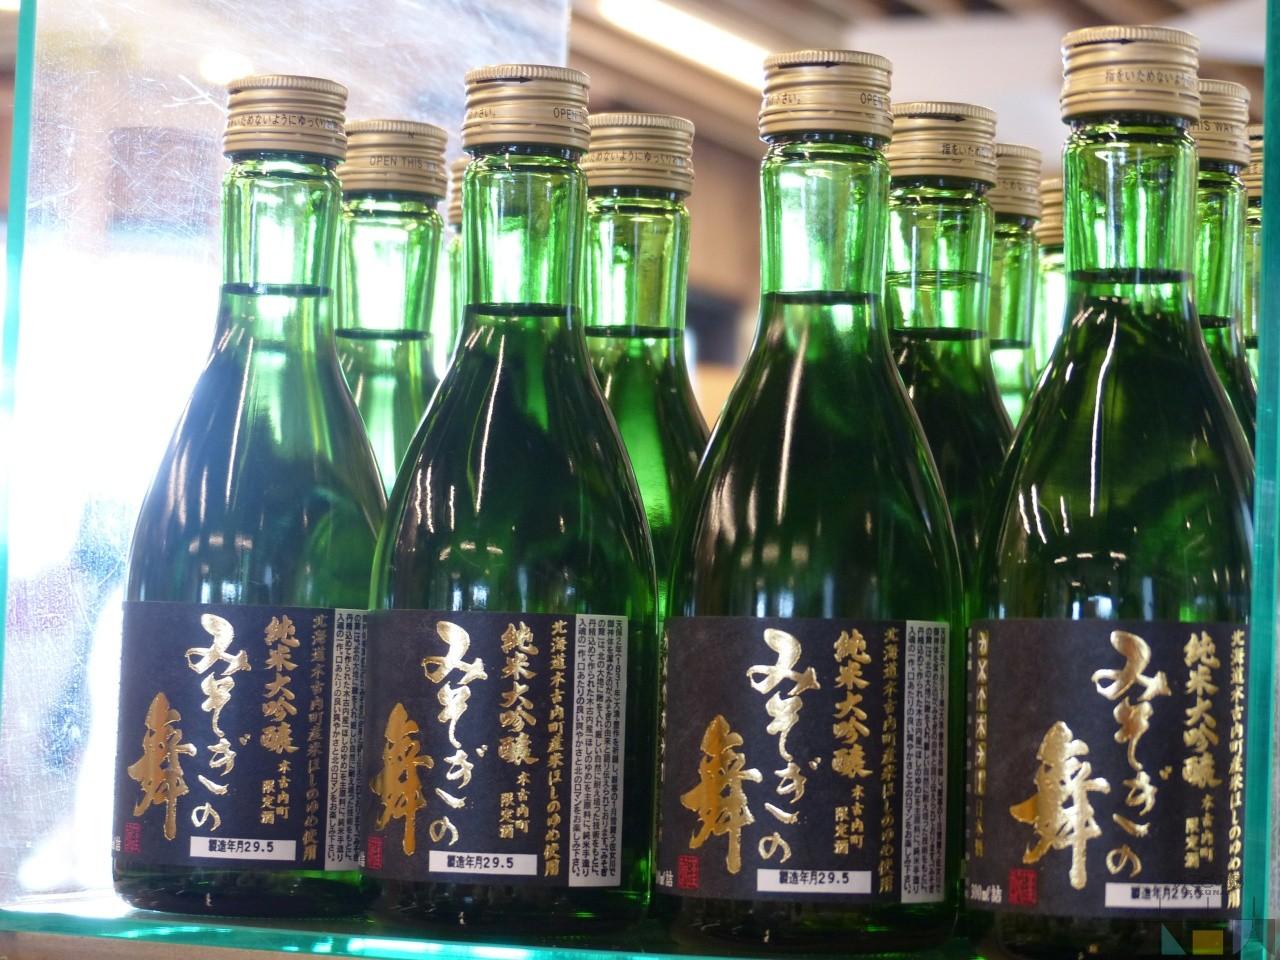 町内限定販売「みそぎの舞」黒ラベルの純米大吟醸が入荷!